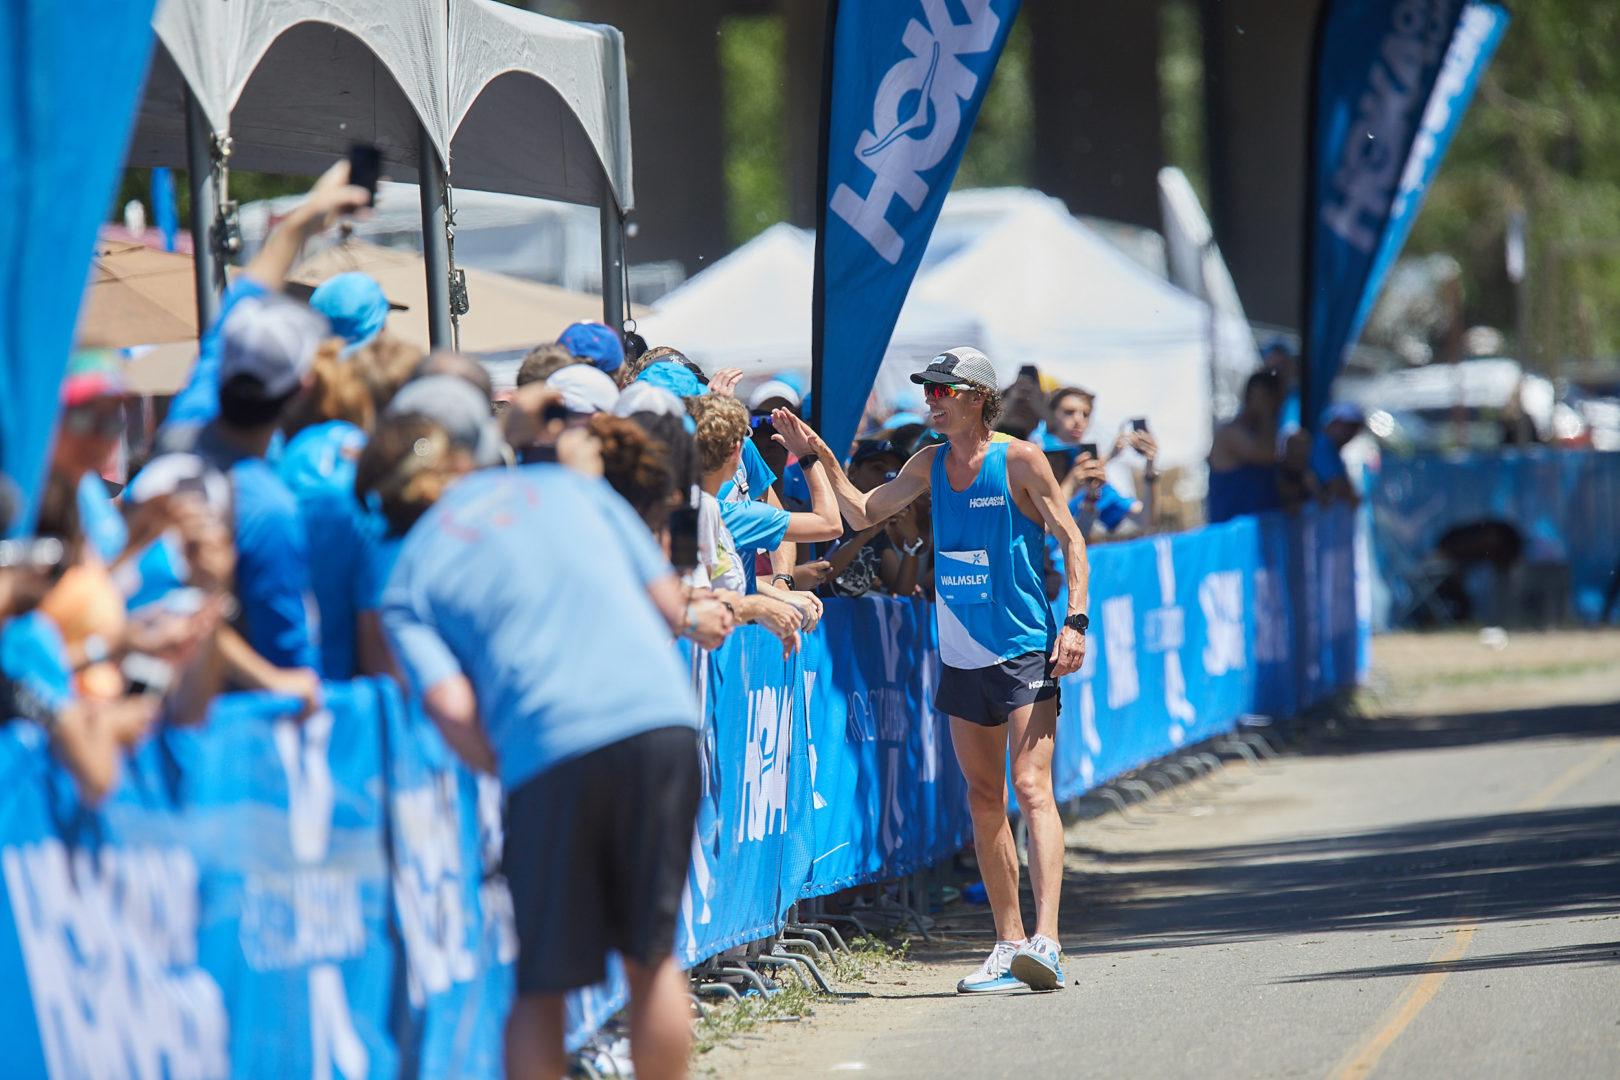 Jim Walmsley klatscht mit den Zuschauern ab, nachdem er den 80 Kilometer Weltrekord im Mai 2019 in den USA gebrochen hat in einer Zeit von 4:50:08 (Fotocredit: HOKA ONE ONE)